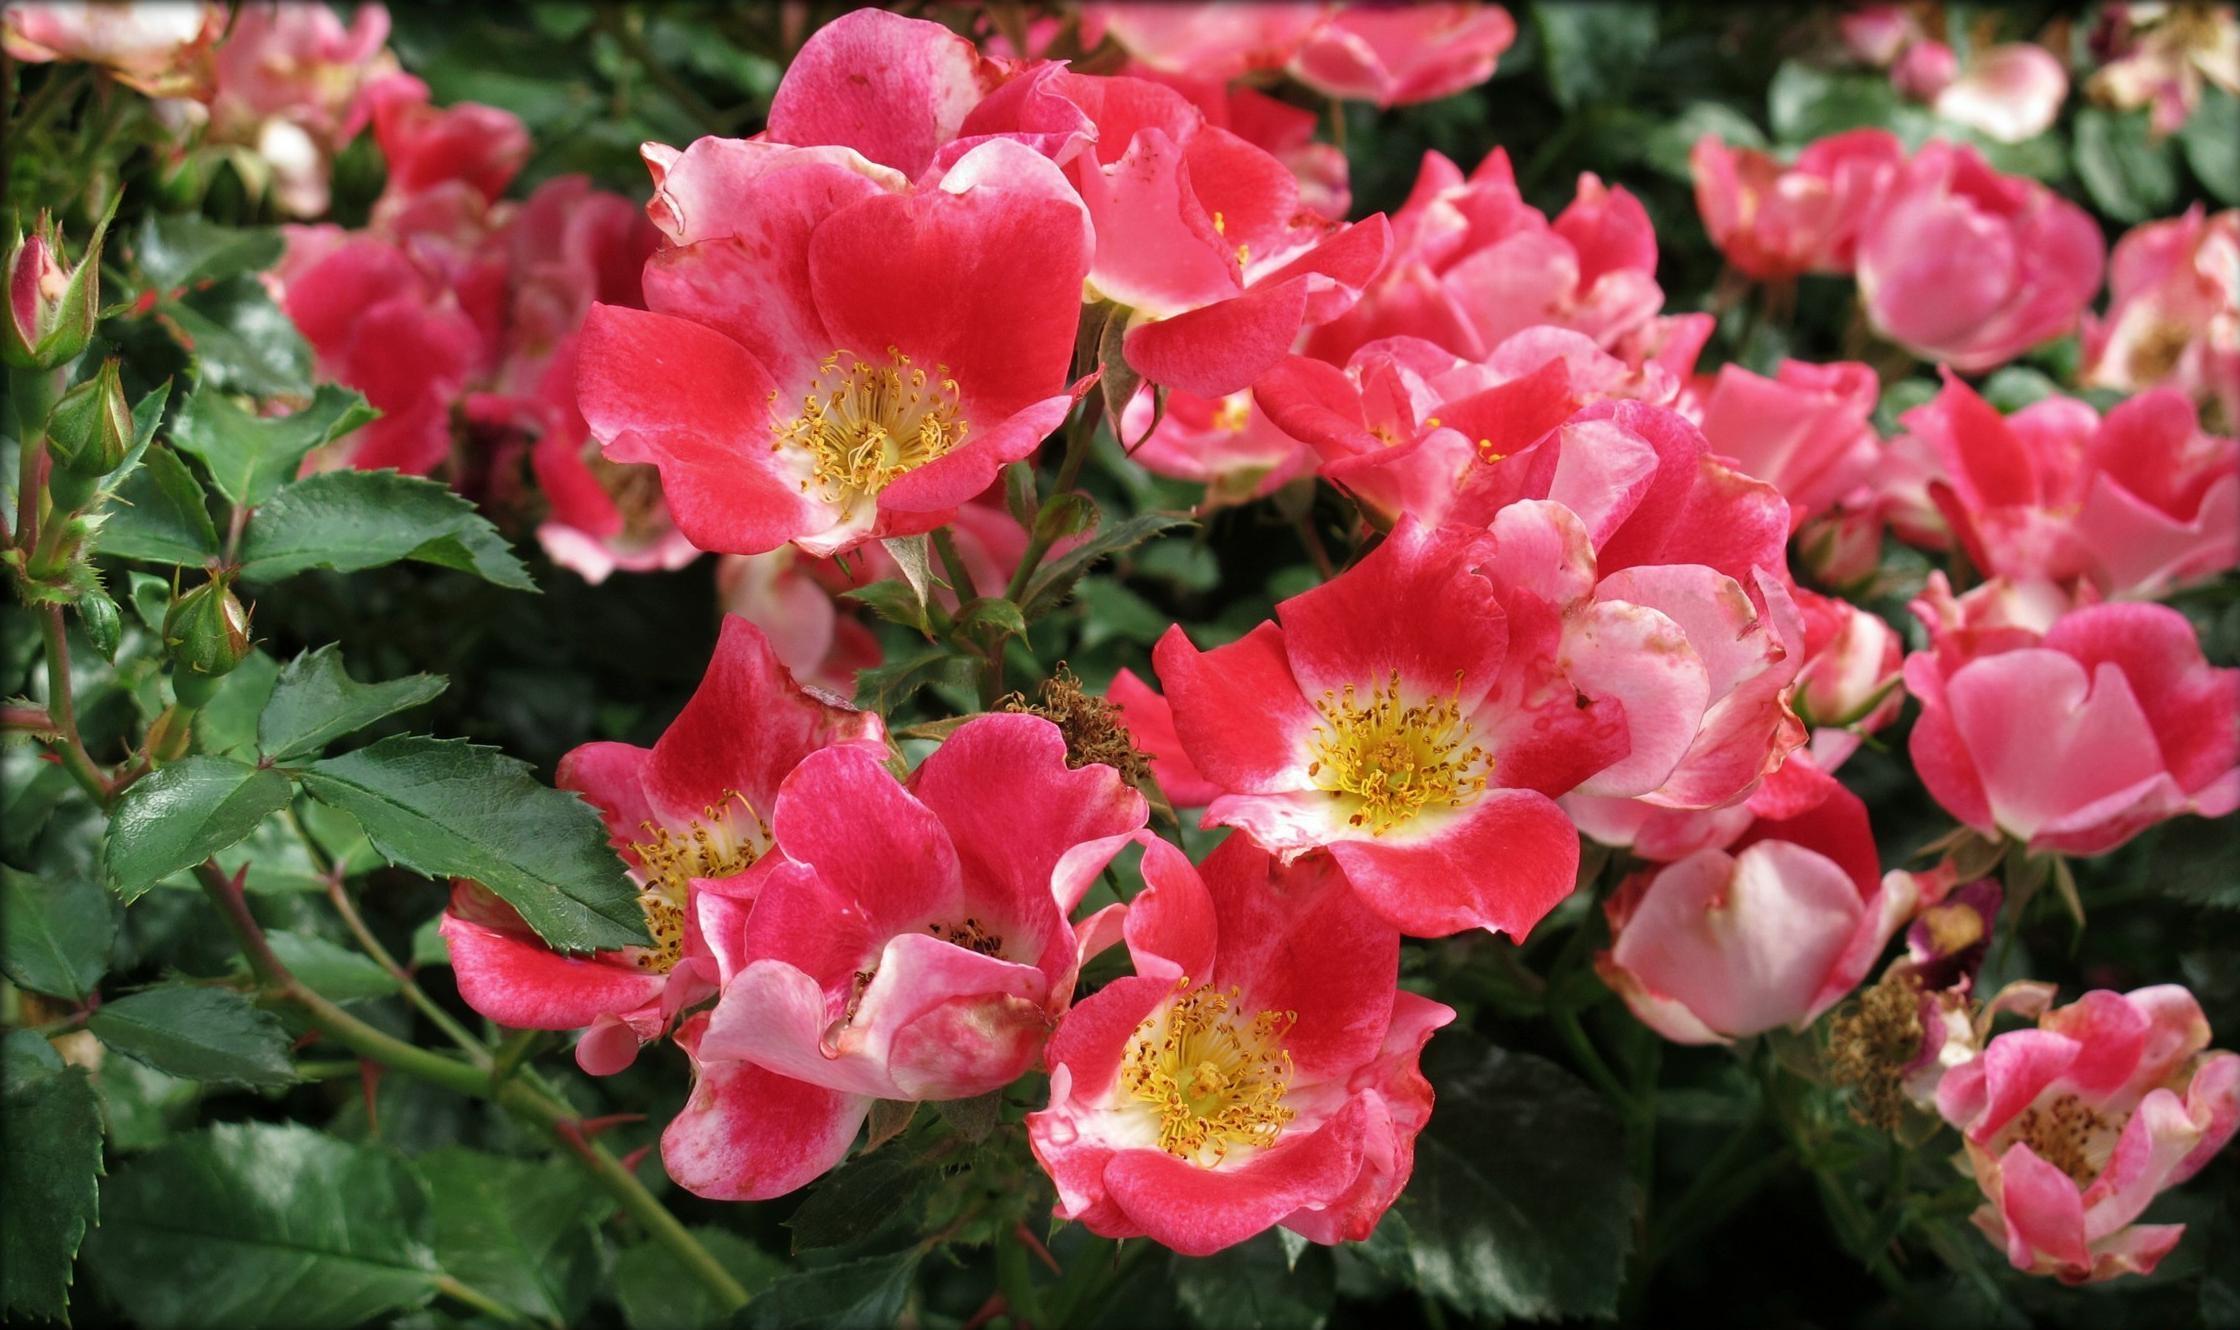 128434 скачать обои Цветы, Шиповник, Кустарник, Цветение, Листья - заставки и картинки бесплатно